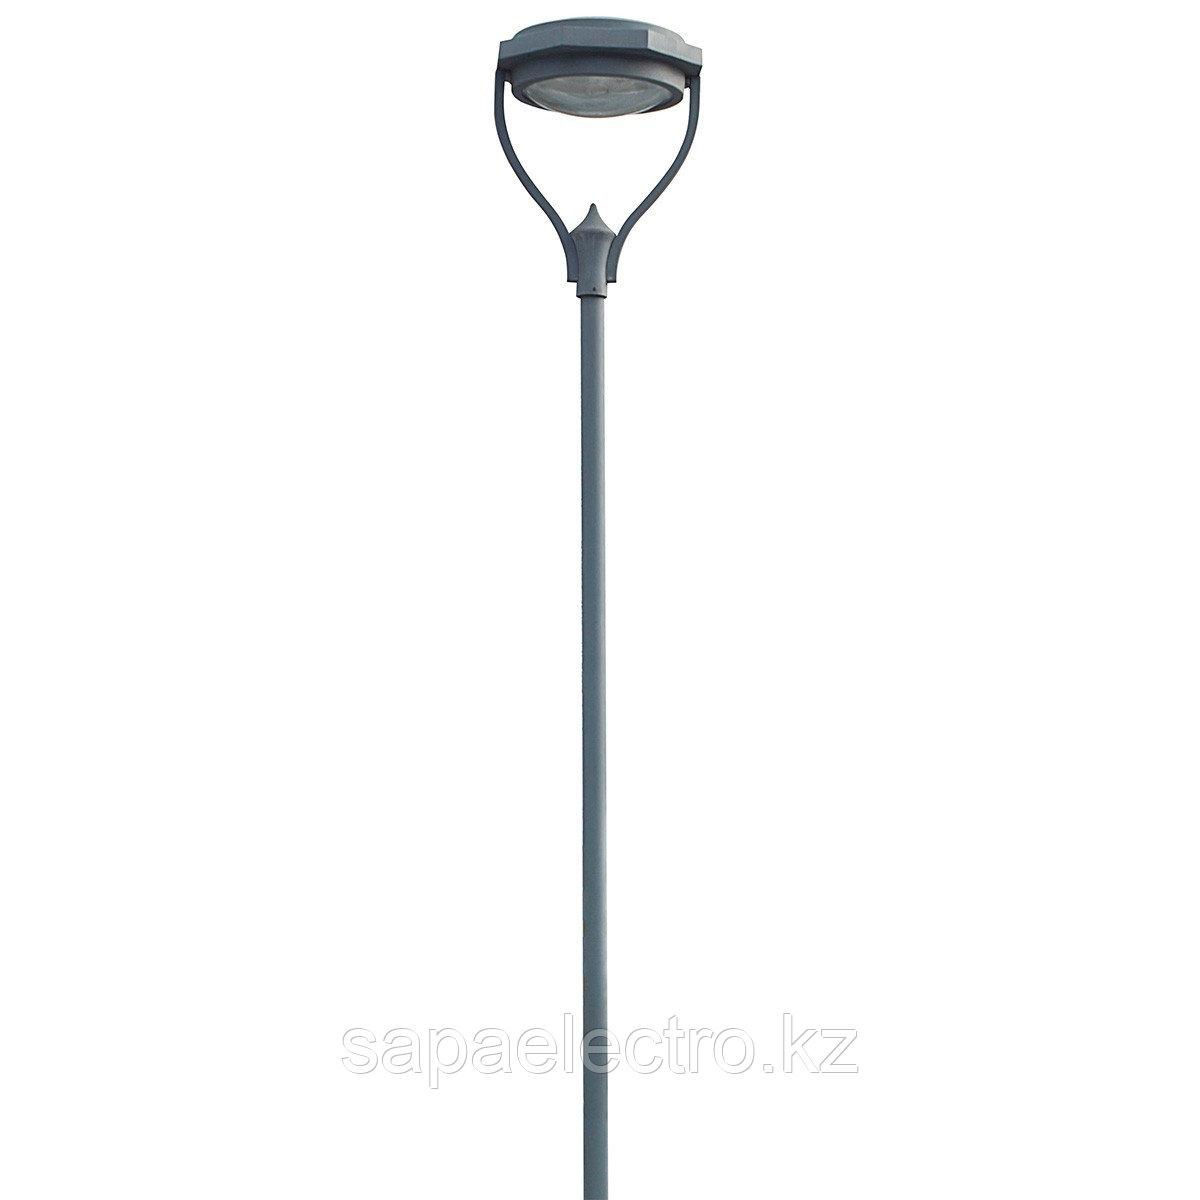 Св-к LED T93A 60W  без трубы  (TEKSAN)